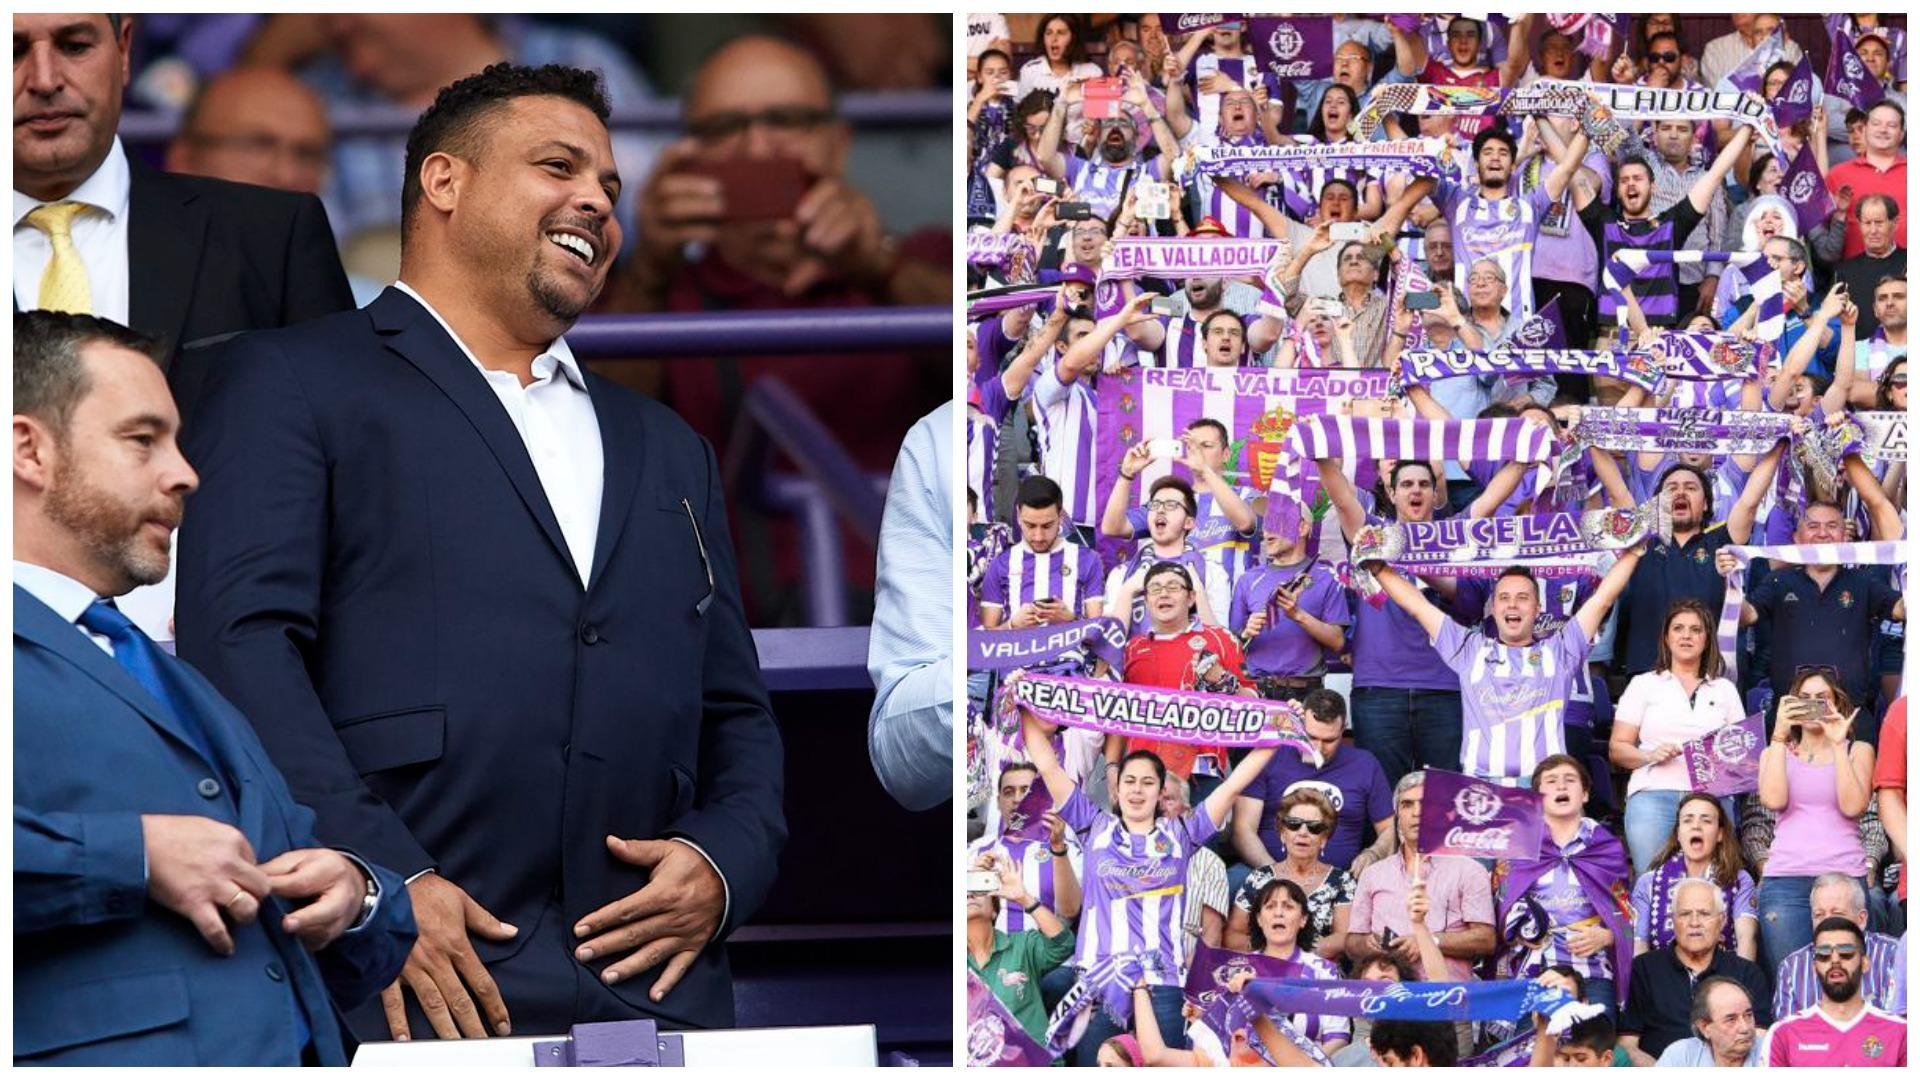 """""""La ekipin të vdiste"""", tifozët e Real Valladolid i kërkojnë llogari Ronaldos"""